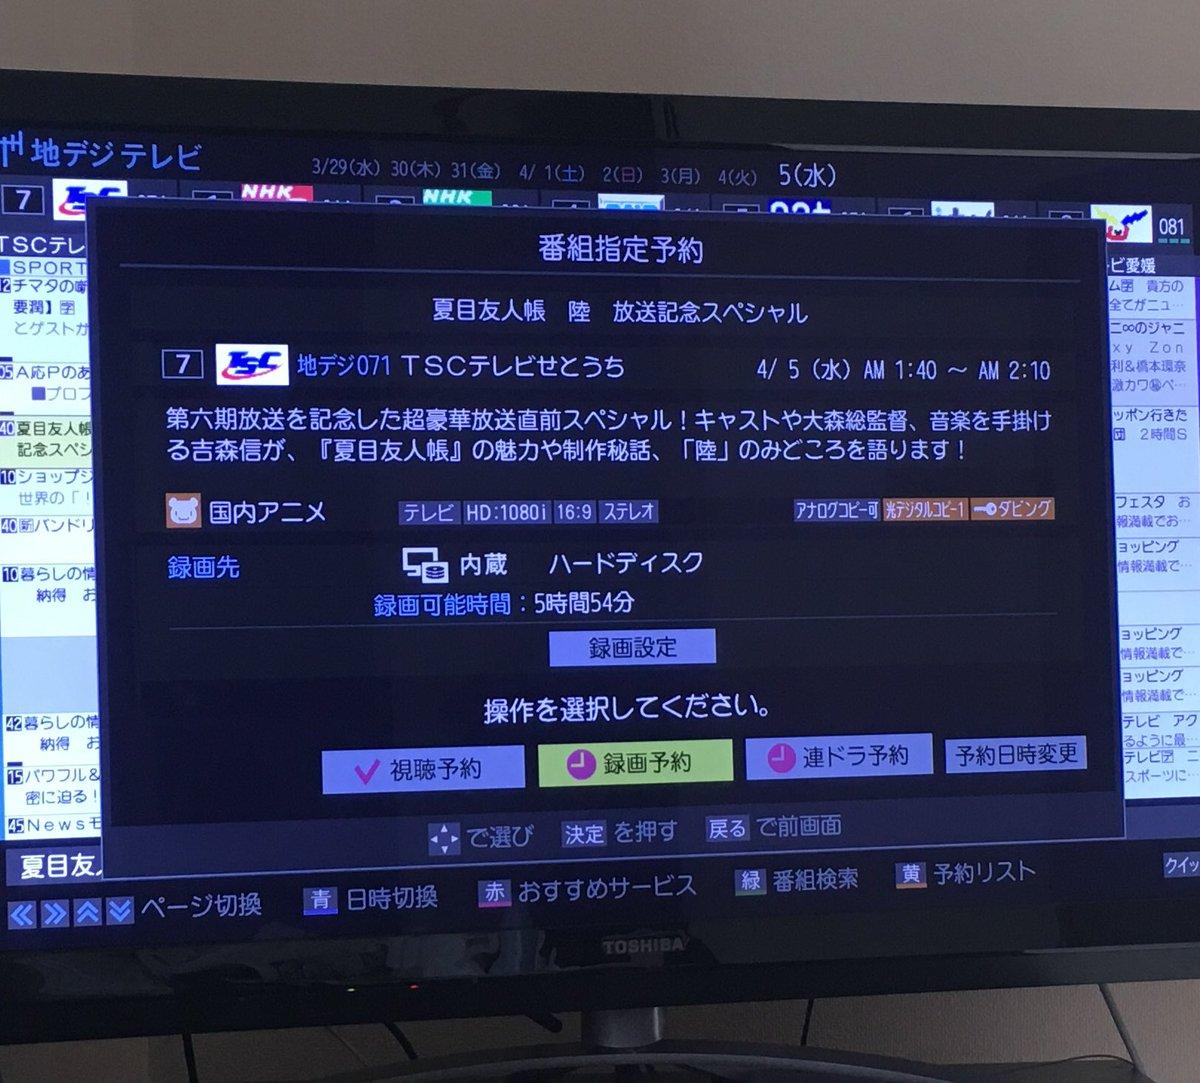 4月5日に夏目友人帳あるんだけどテレビせとうちって松山で見れないんだよね 笑つらい 笑